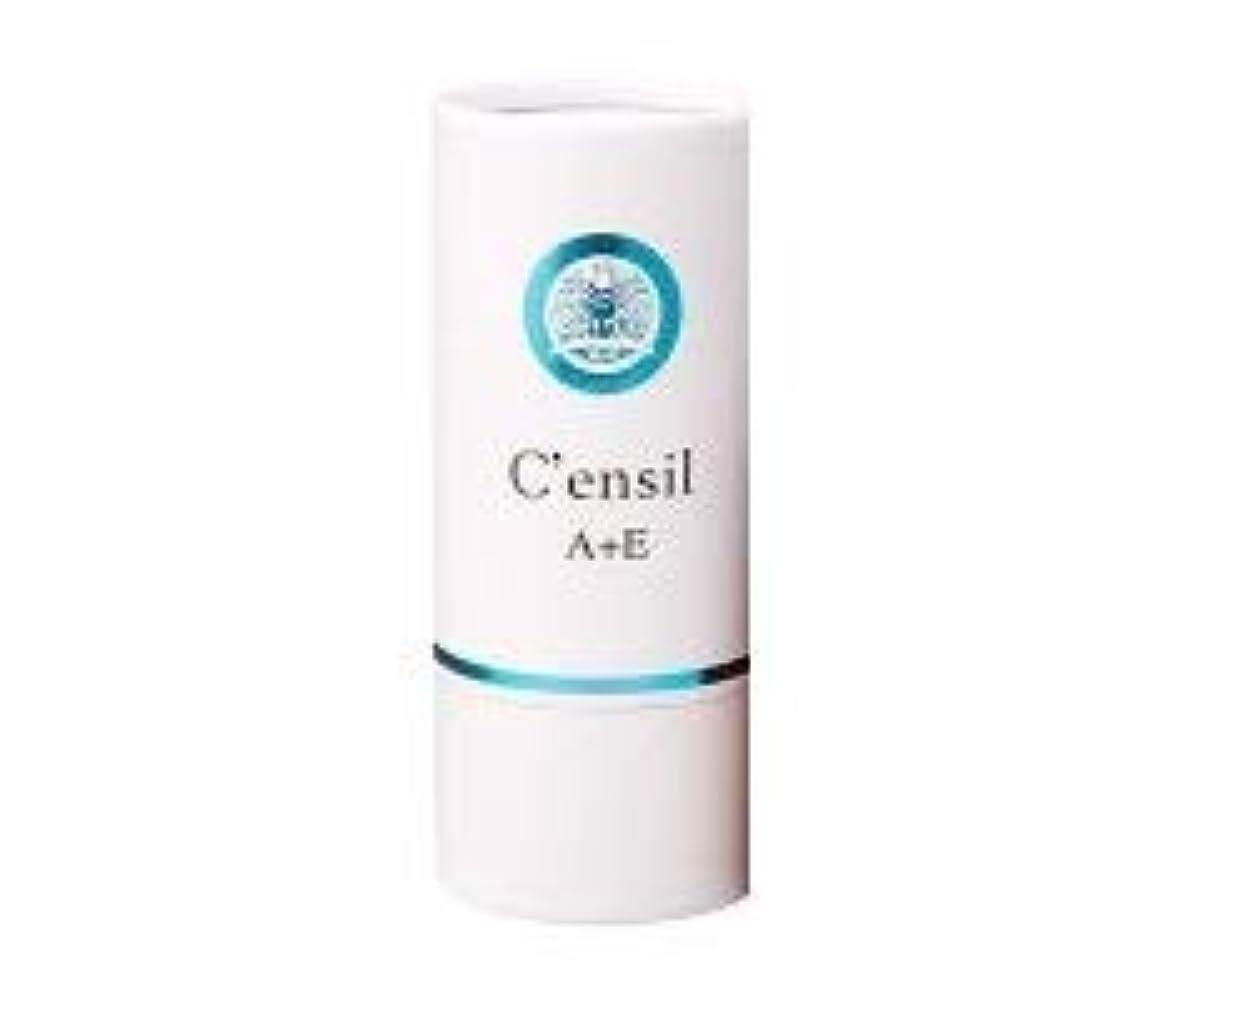 悲惨短くする経済的センシル美容液 C'ensil A+E (本体+C30 2ml×2本セット)